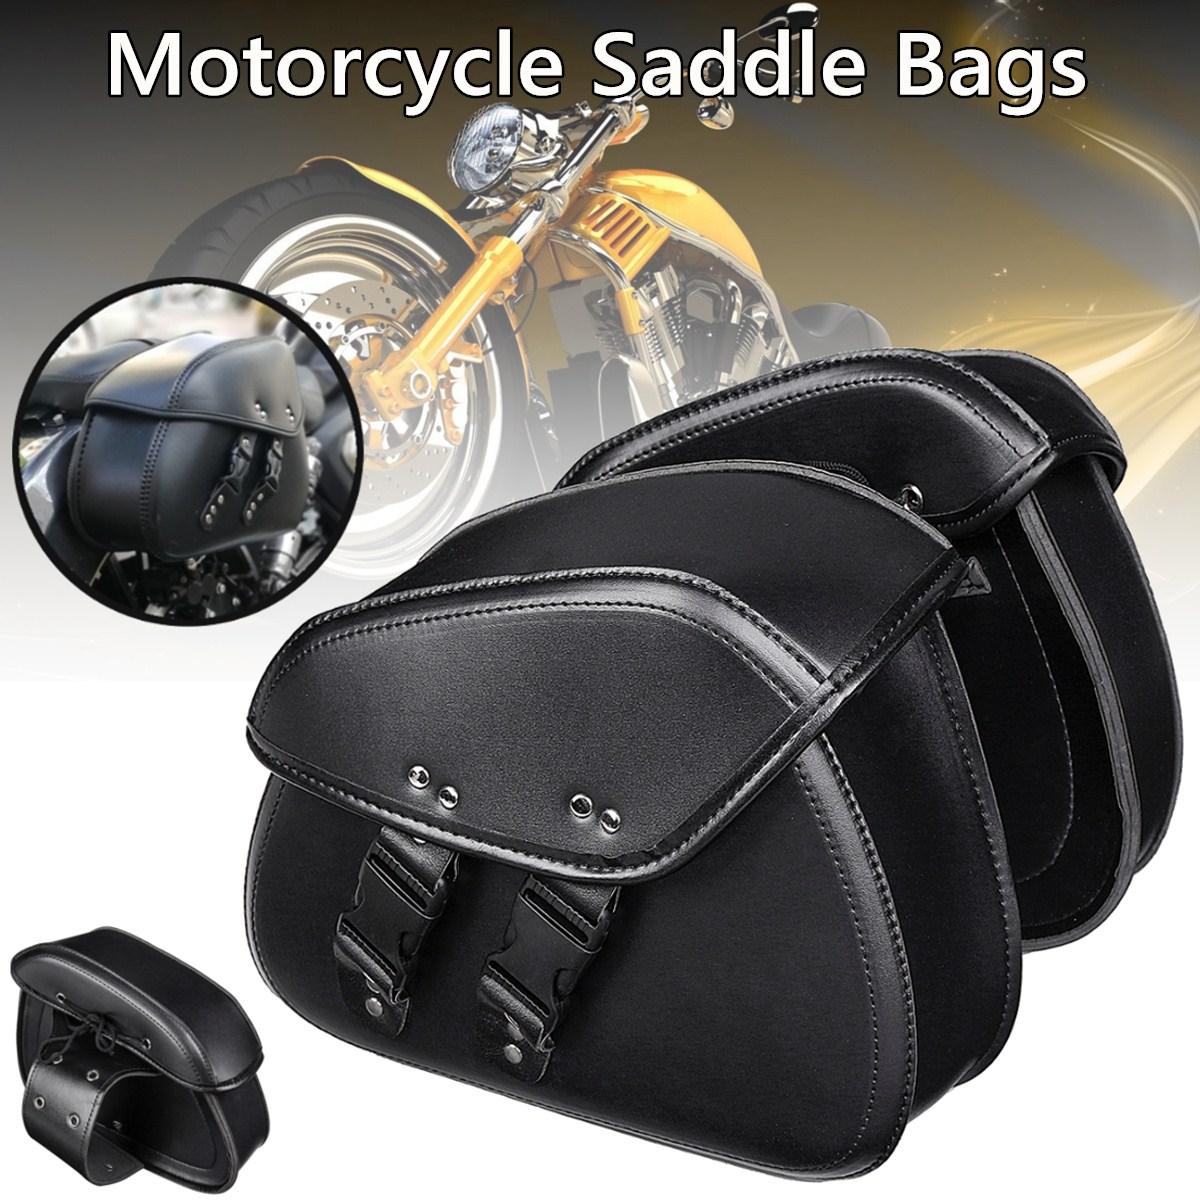 Paire cuir synthétique polyuréthane noir sac à outils moto bagage sacoches de selle rangement pour Yamaha pour Honda Universal